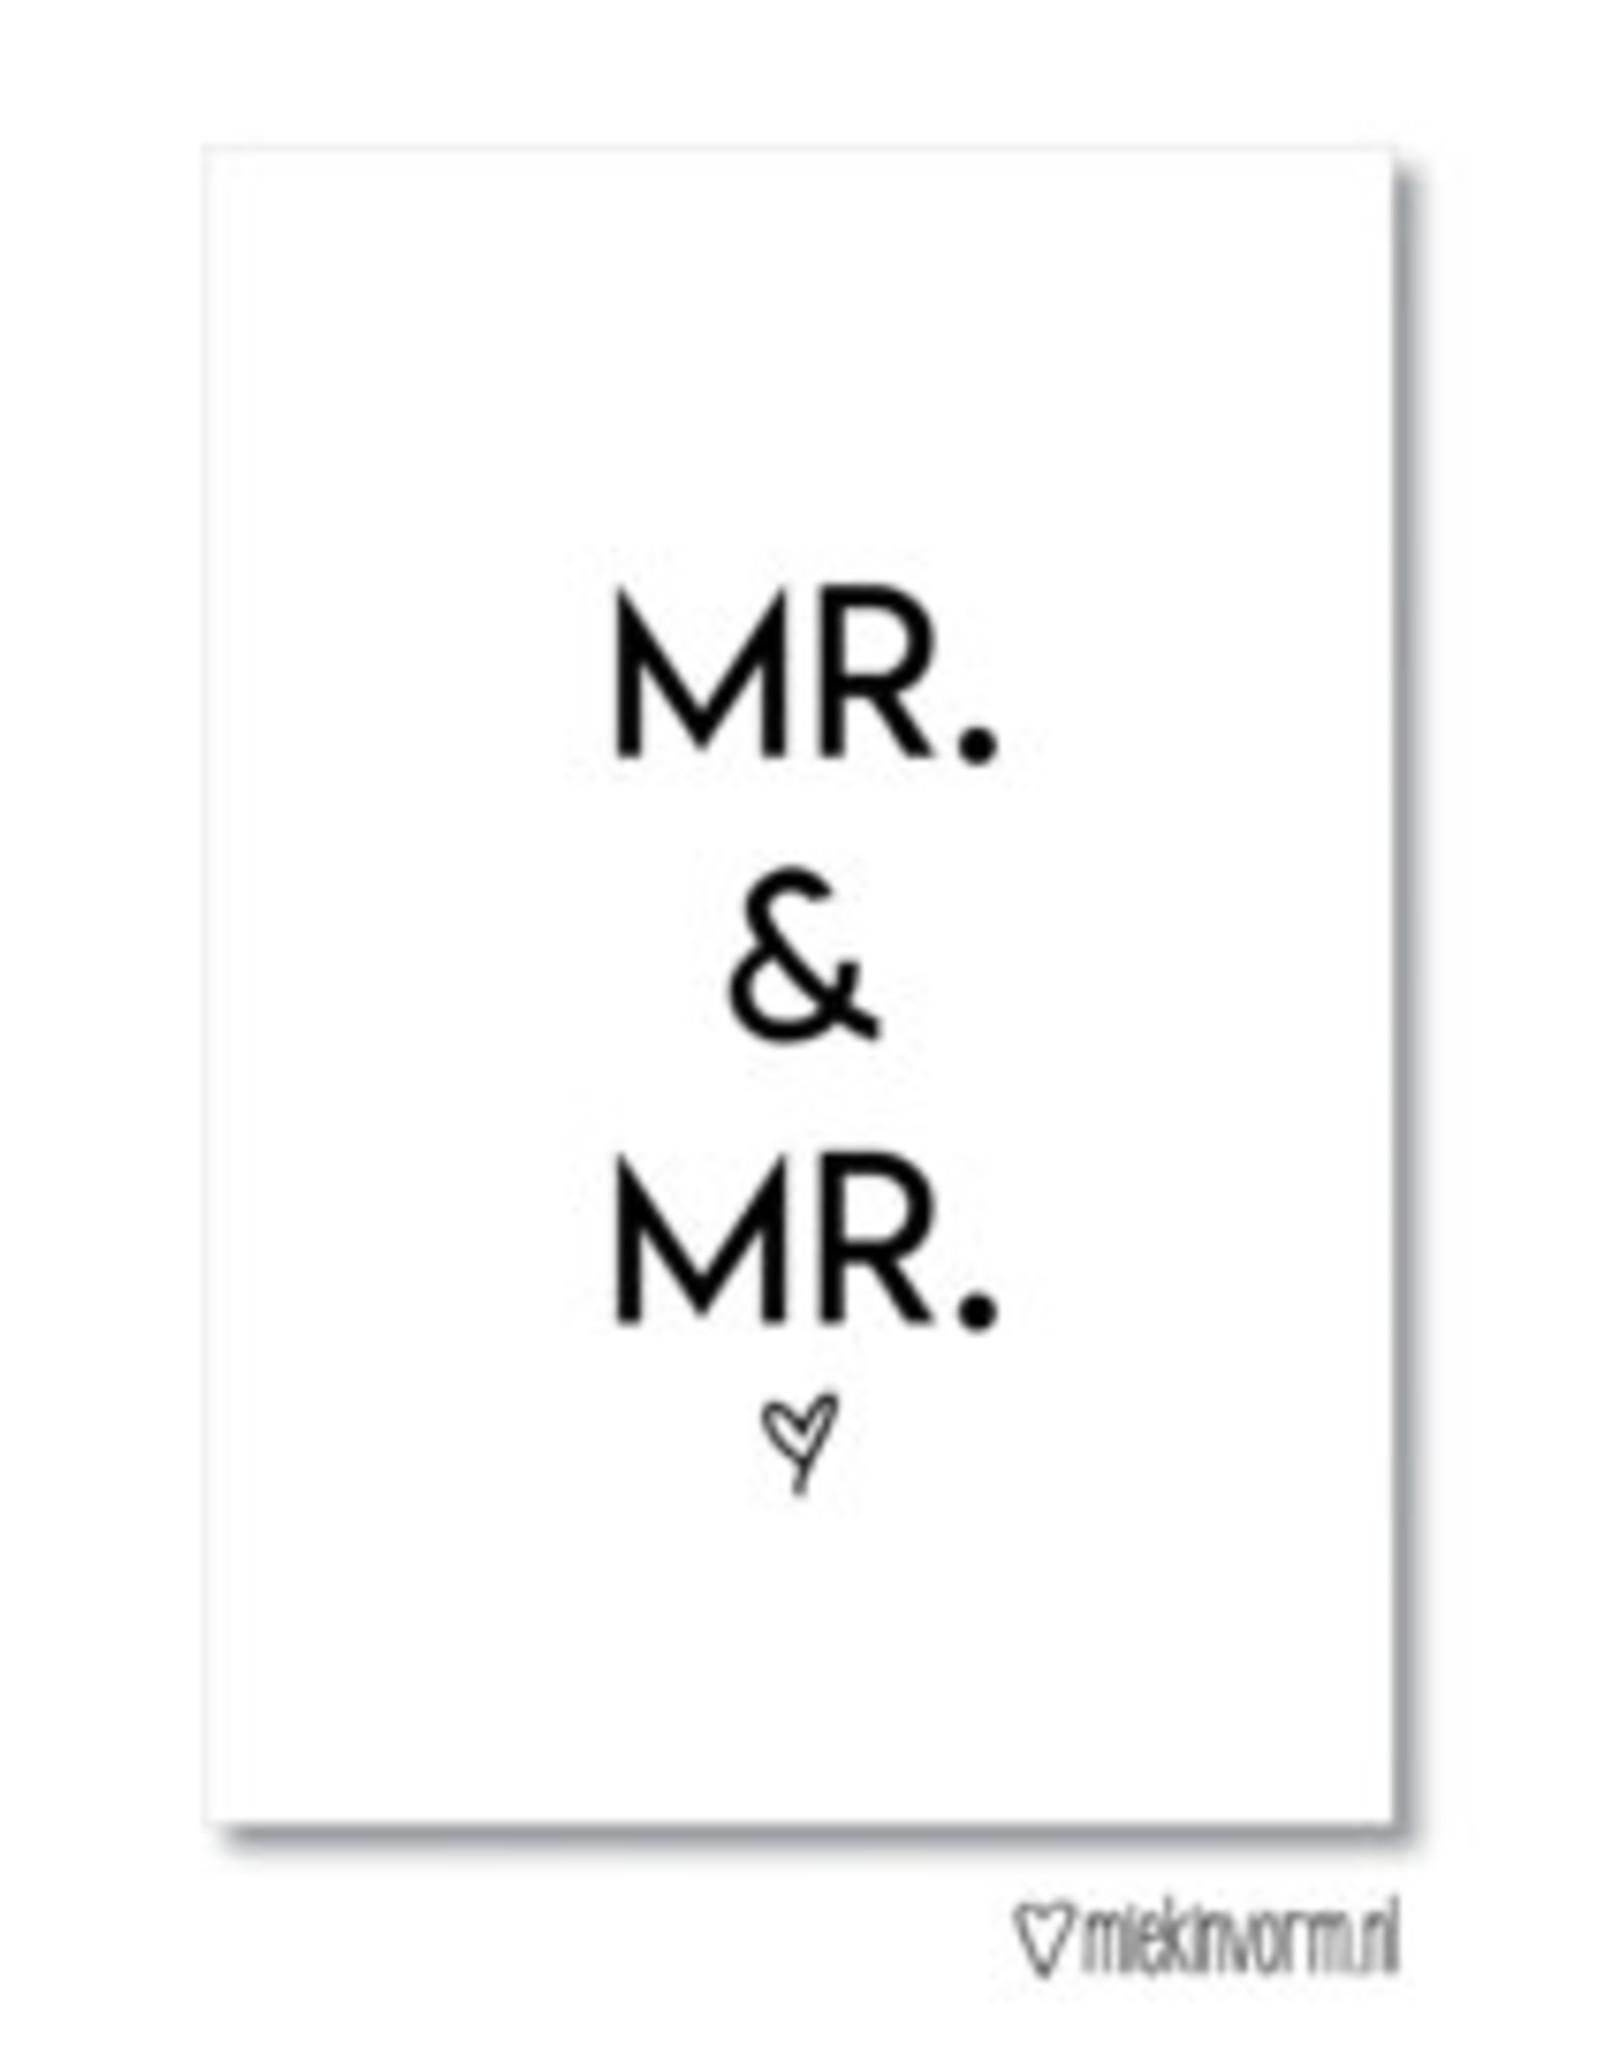 Miek in vorm kaart a6 miek in vorm: mr & mrs wit